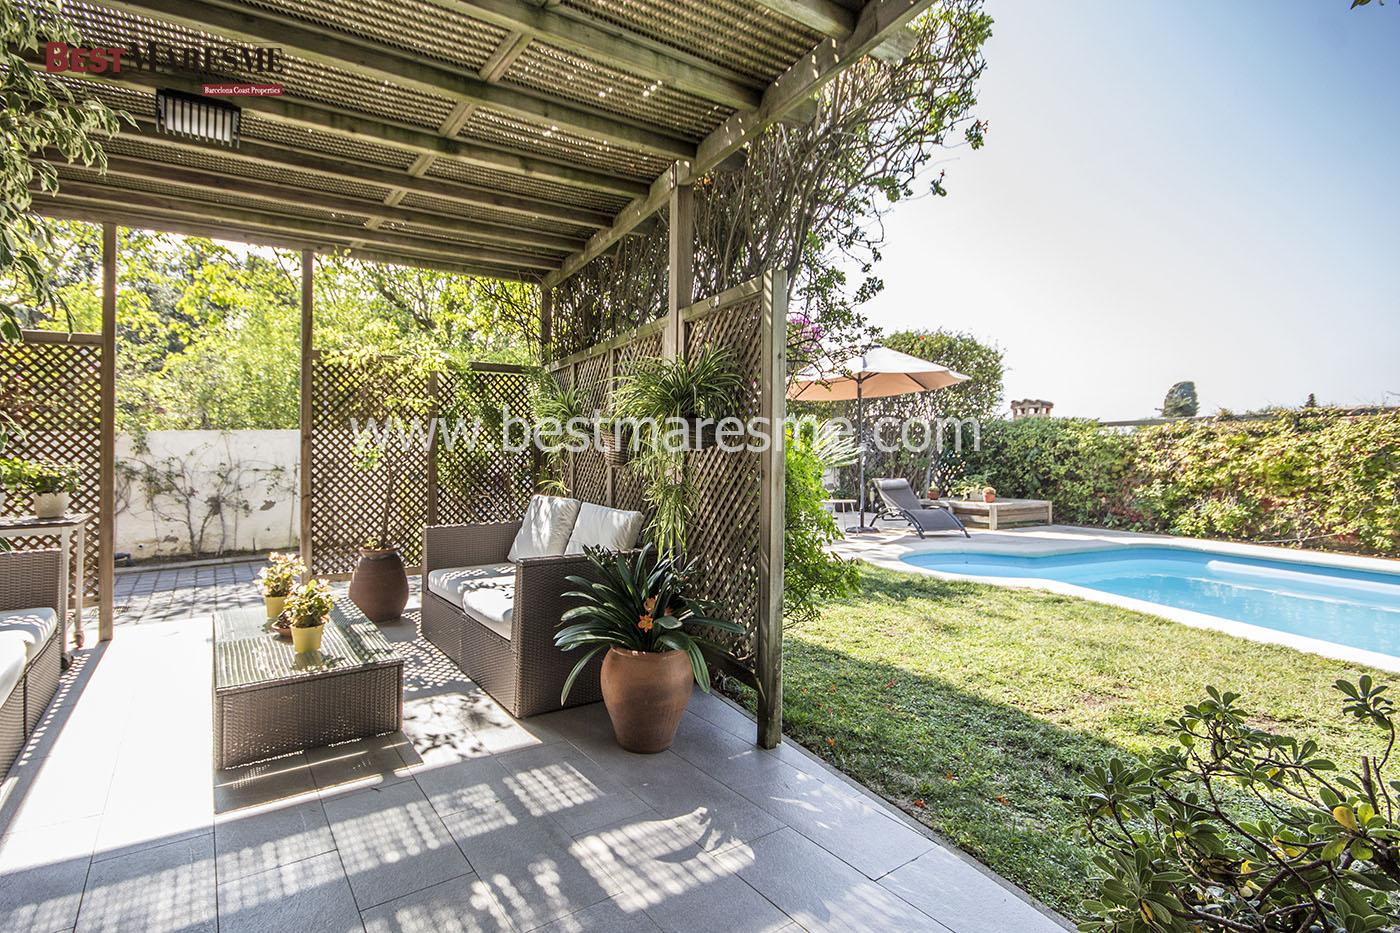 Elegante porche y piscina